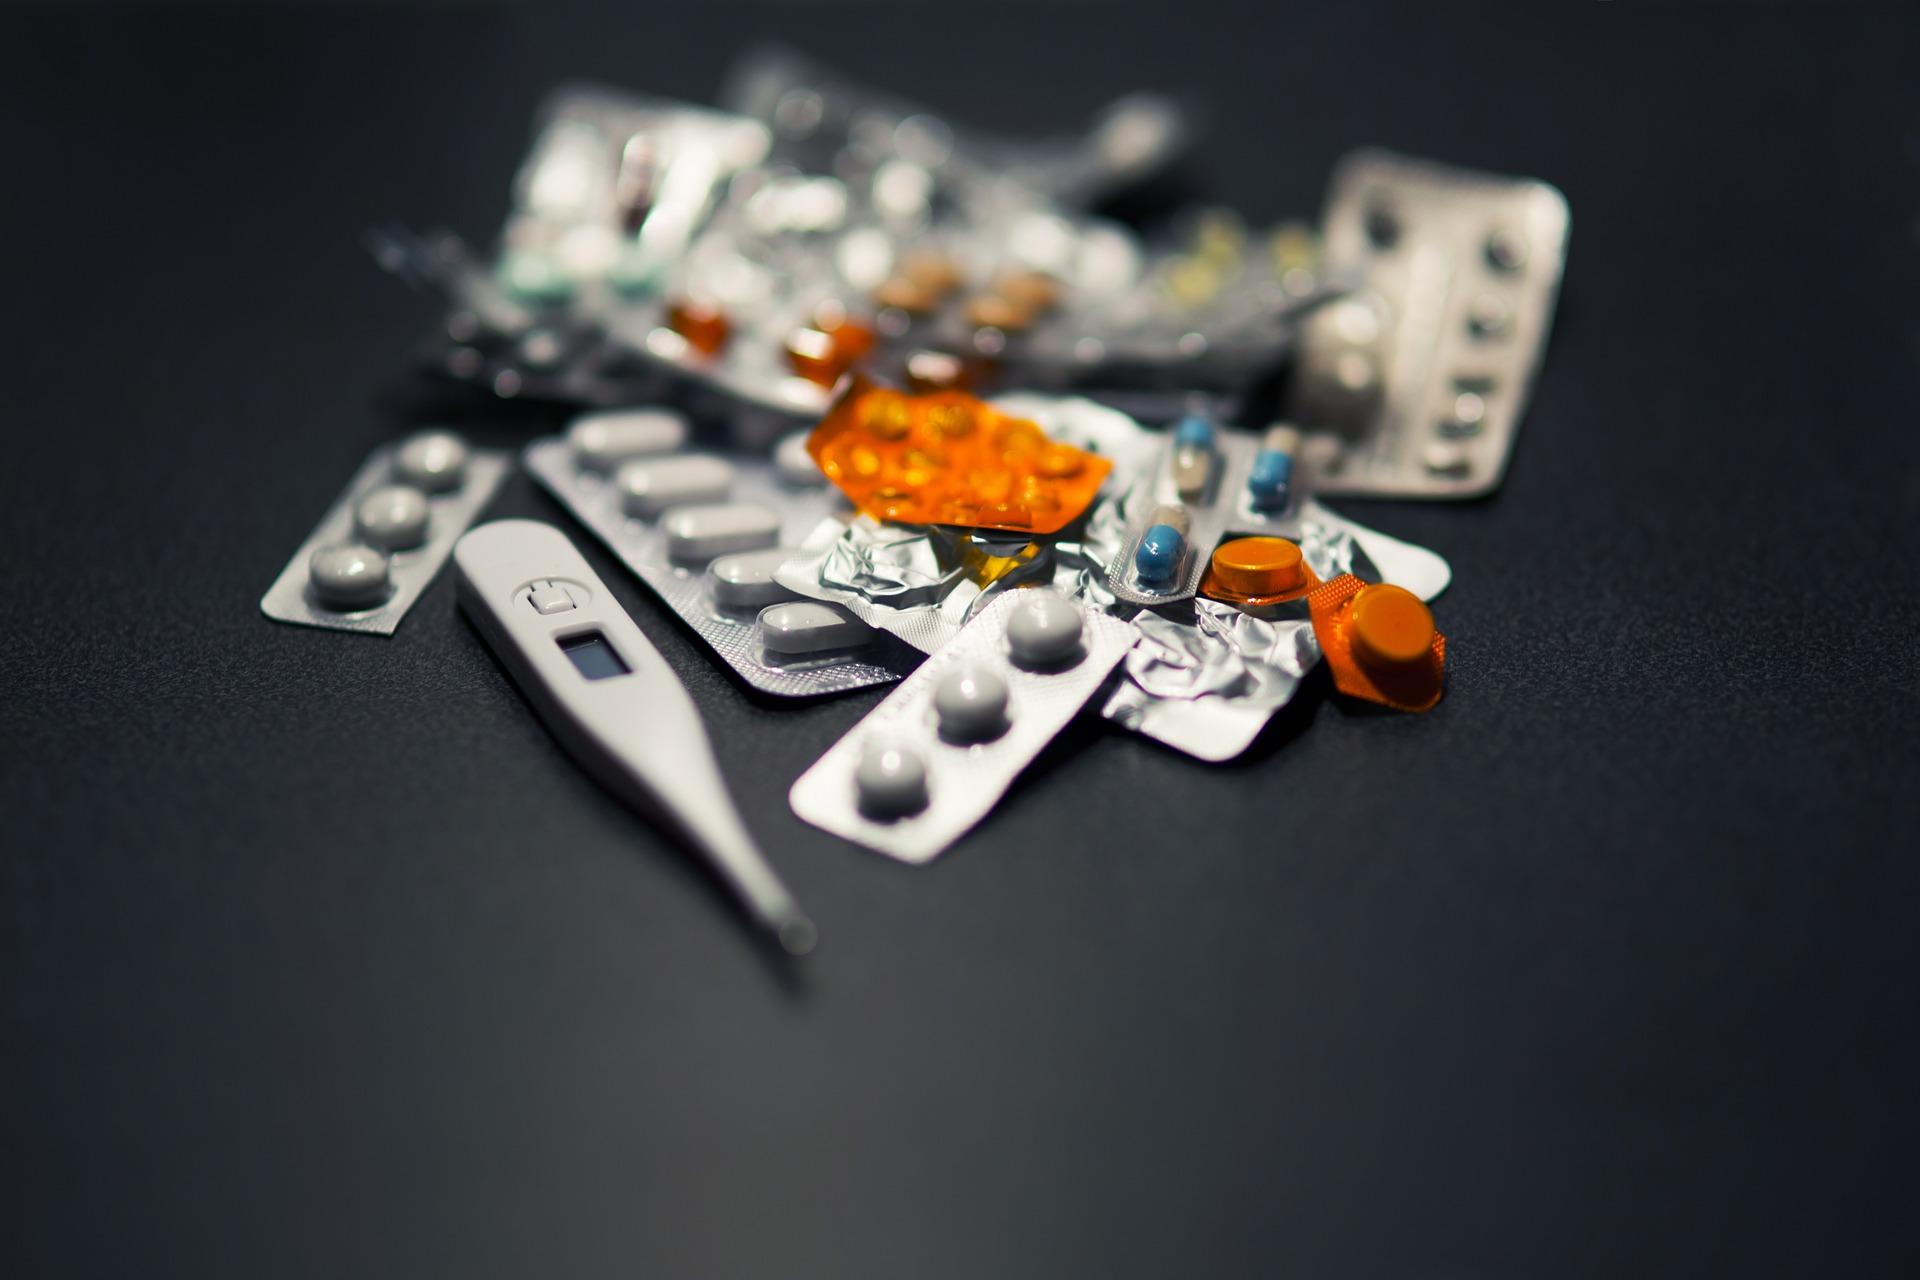 Antykoncepcja online jest już dostępna. Możesz zarówno przedłużyć online aktualnie stosowaną metodę antykoncepcji otrzymując e-receptę, jak również zacząć stosowanie antykoncepcji po raz pierwszy, również online.